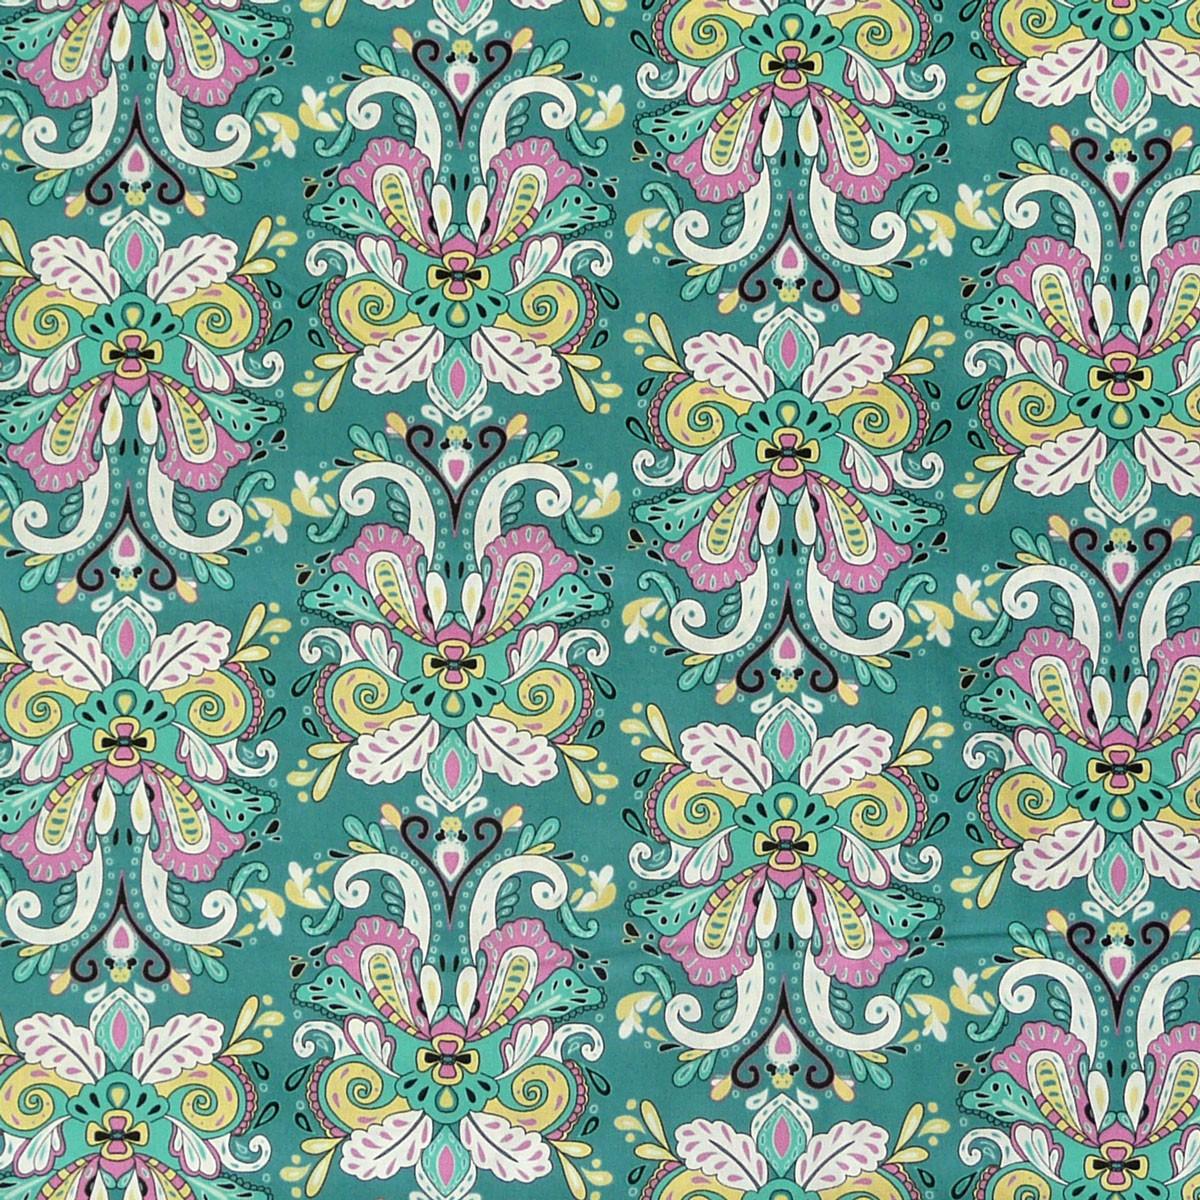 Art Gallery ANNE ELISE Fantasie Muster türkis Baumwollstoff